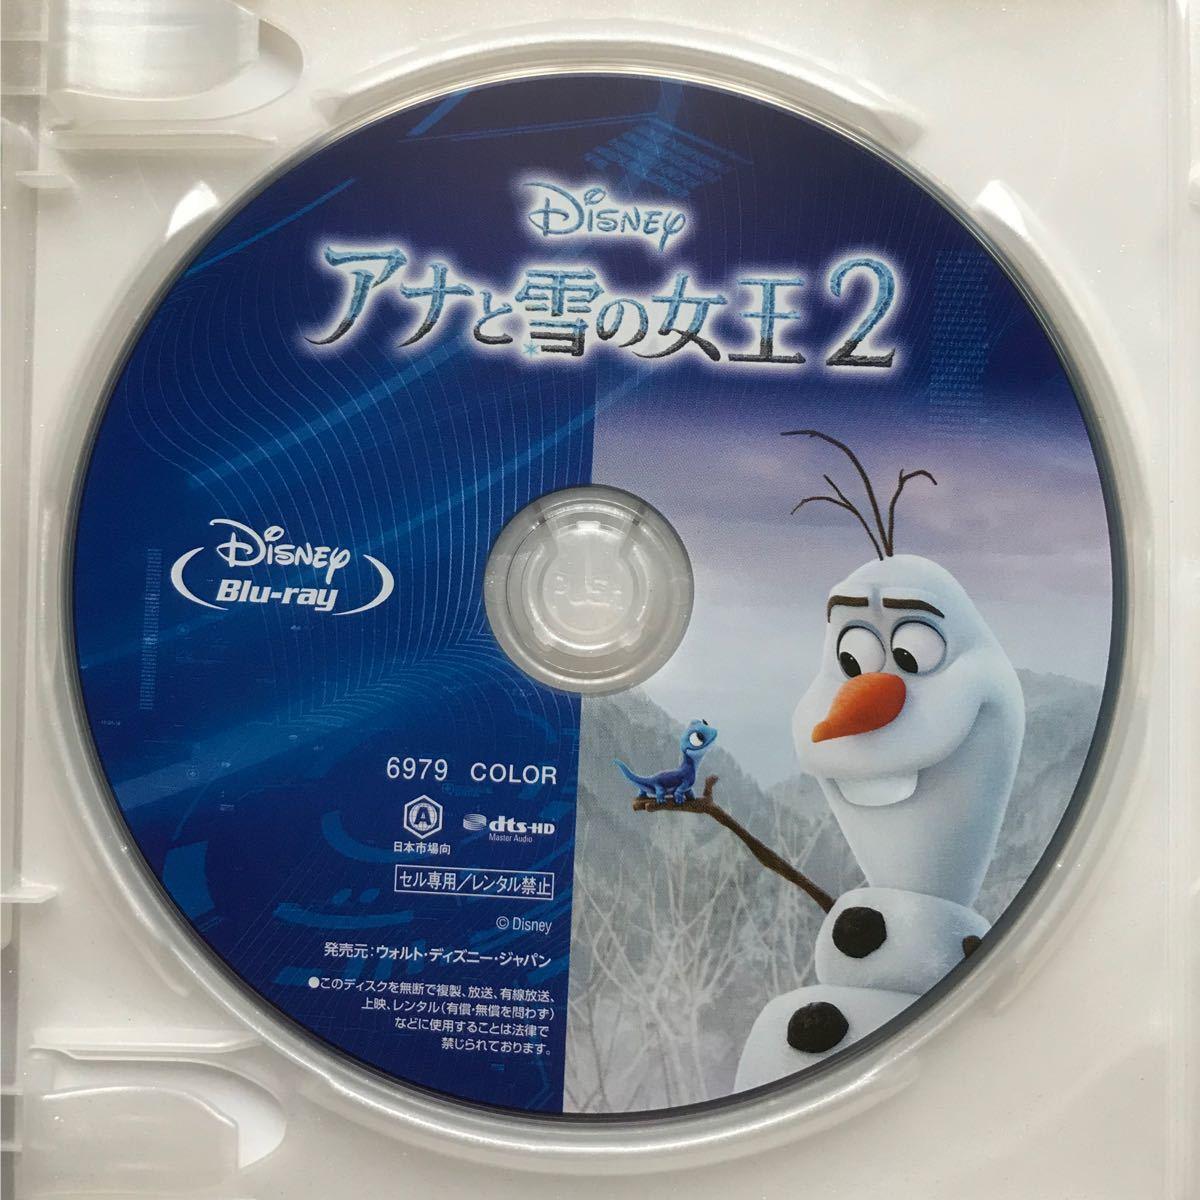 アナと雪の女王2 ブルーレイ 純正ケース付き MovieNEX Blu-ray 新品未再生